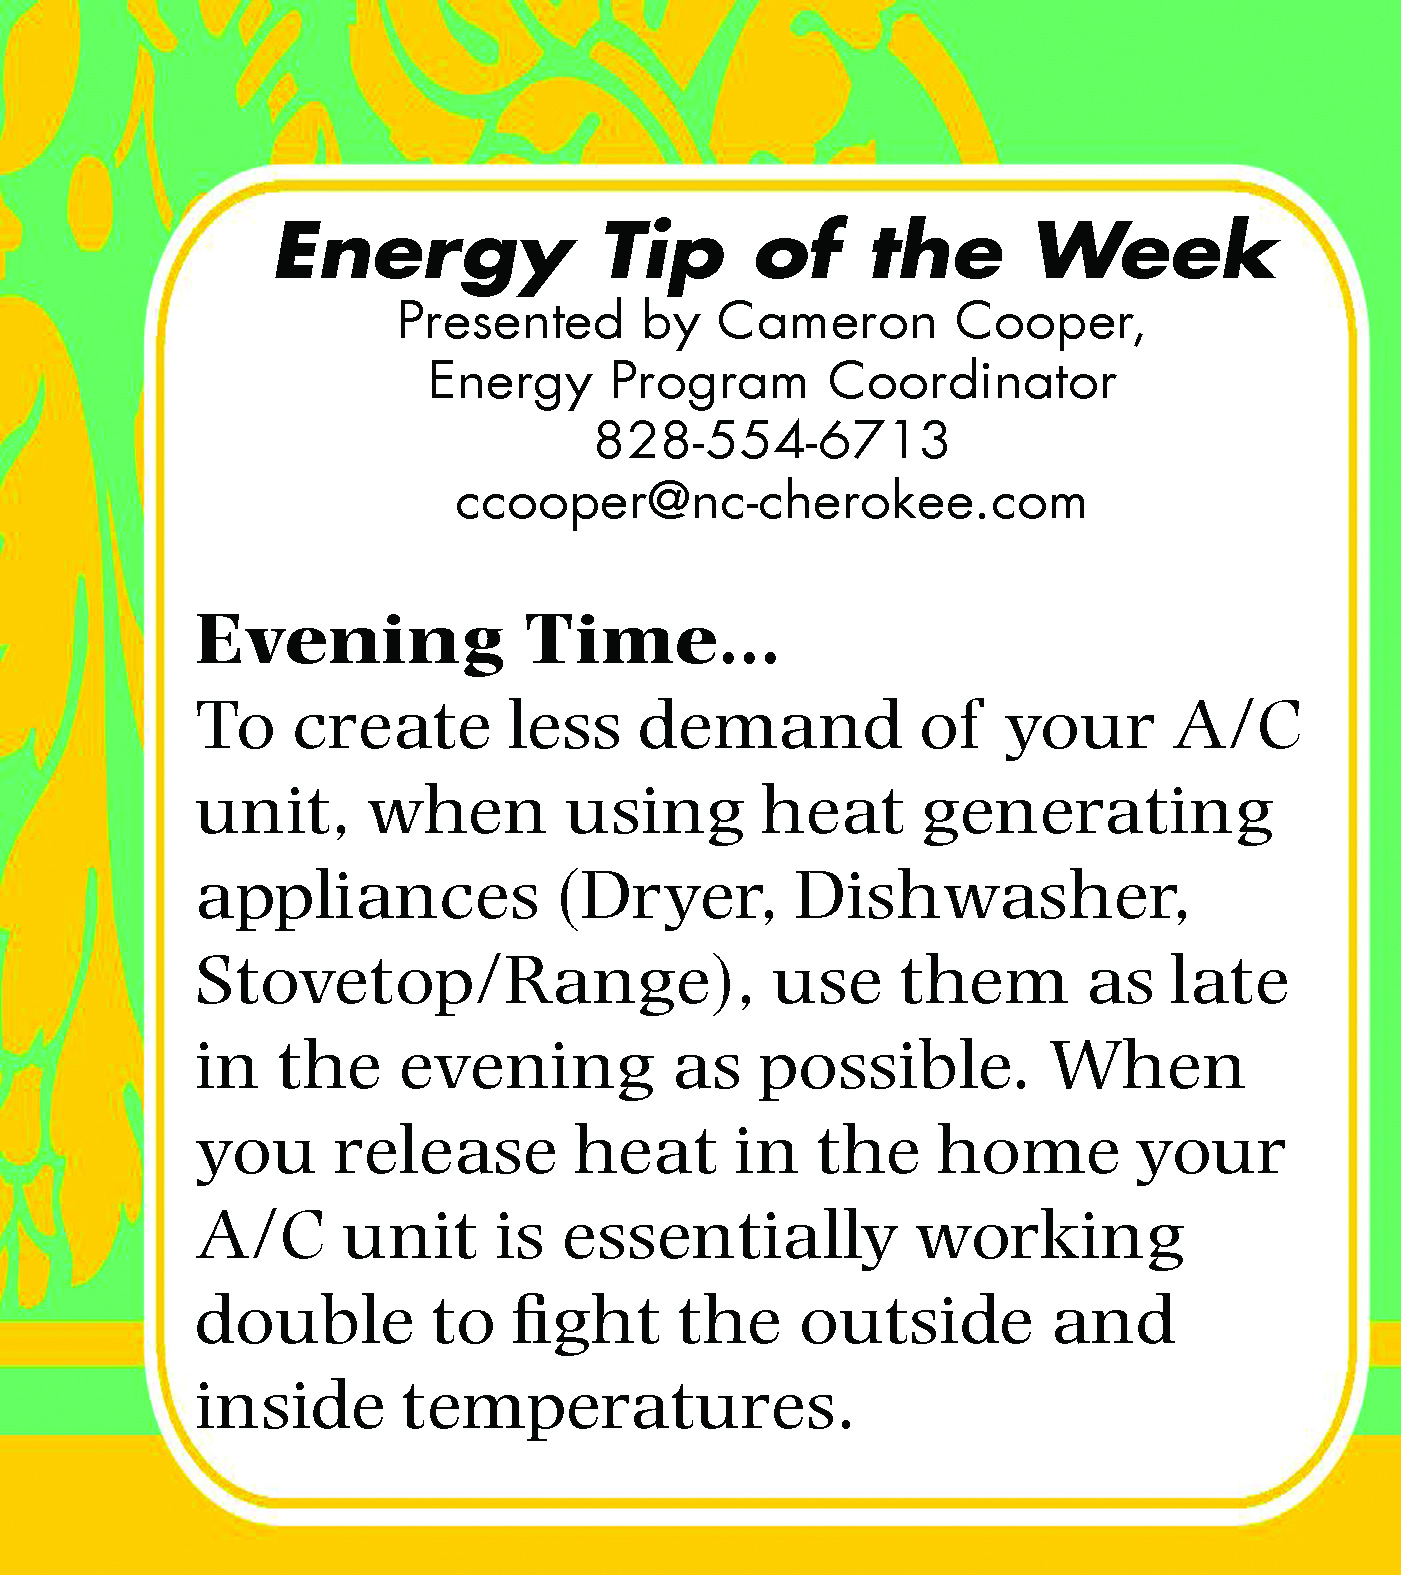 Energy Tip of the Week